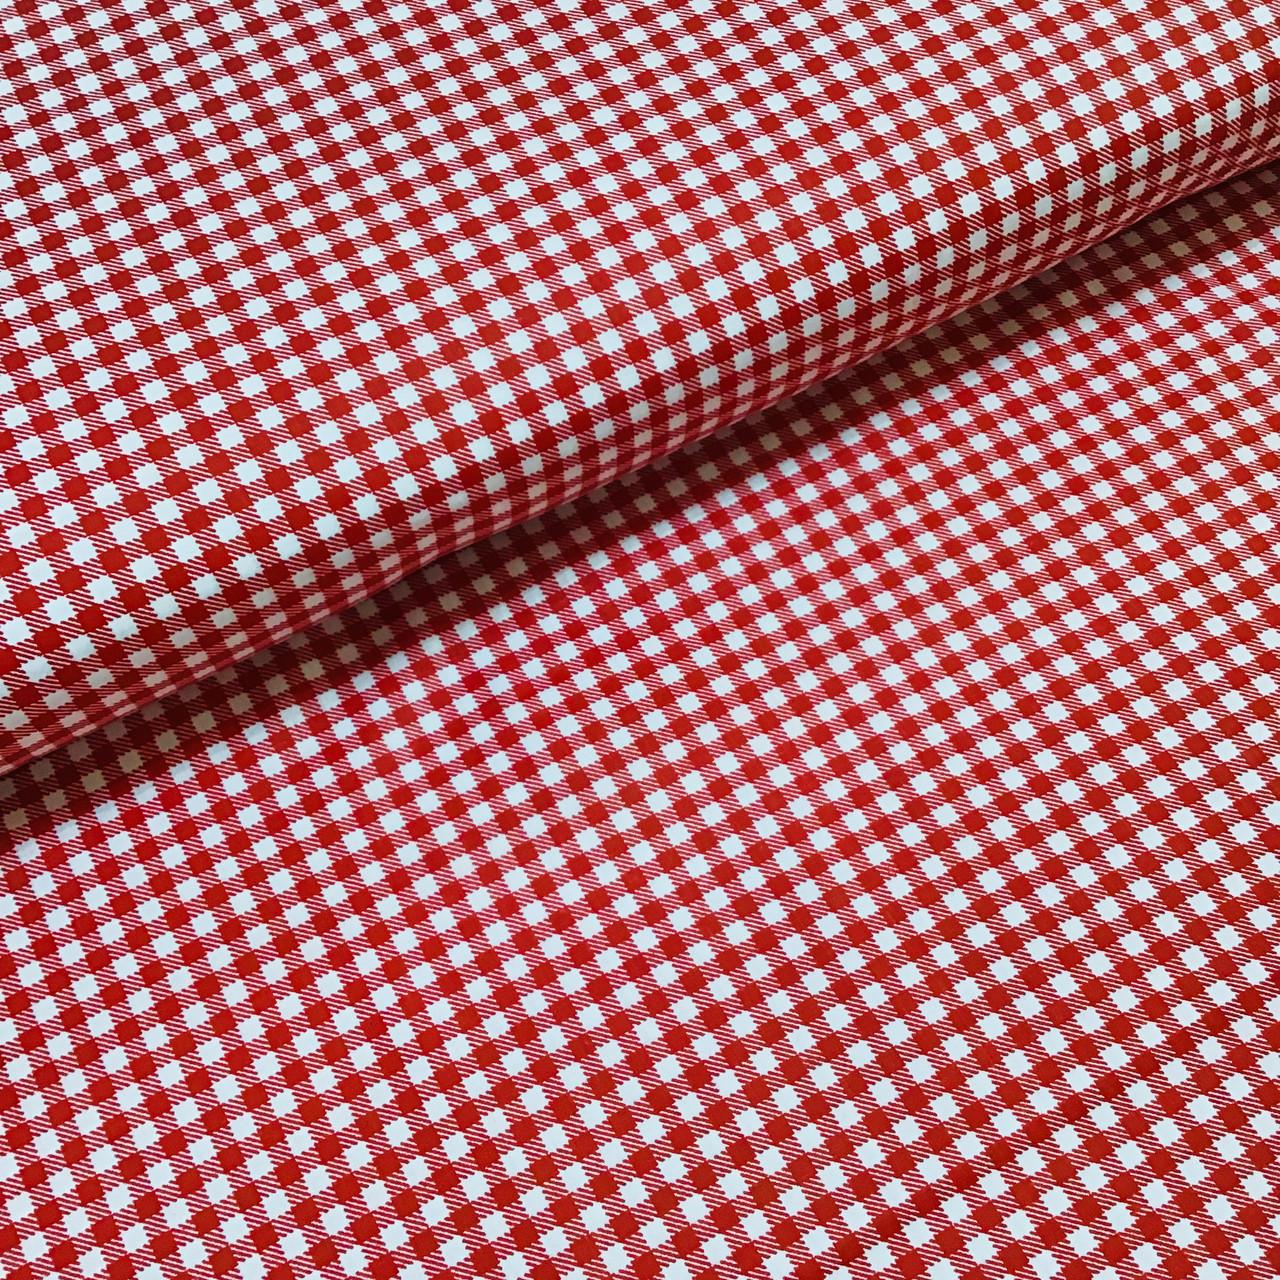 Ткань польская хлопковая, мелкая красная клетка на белом